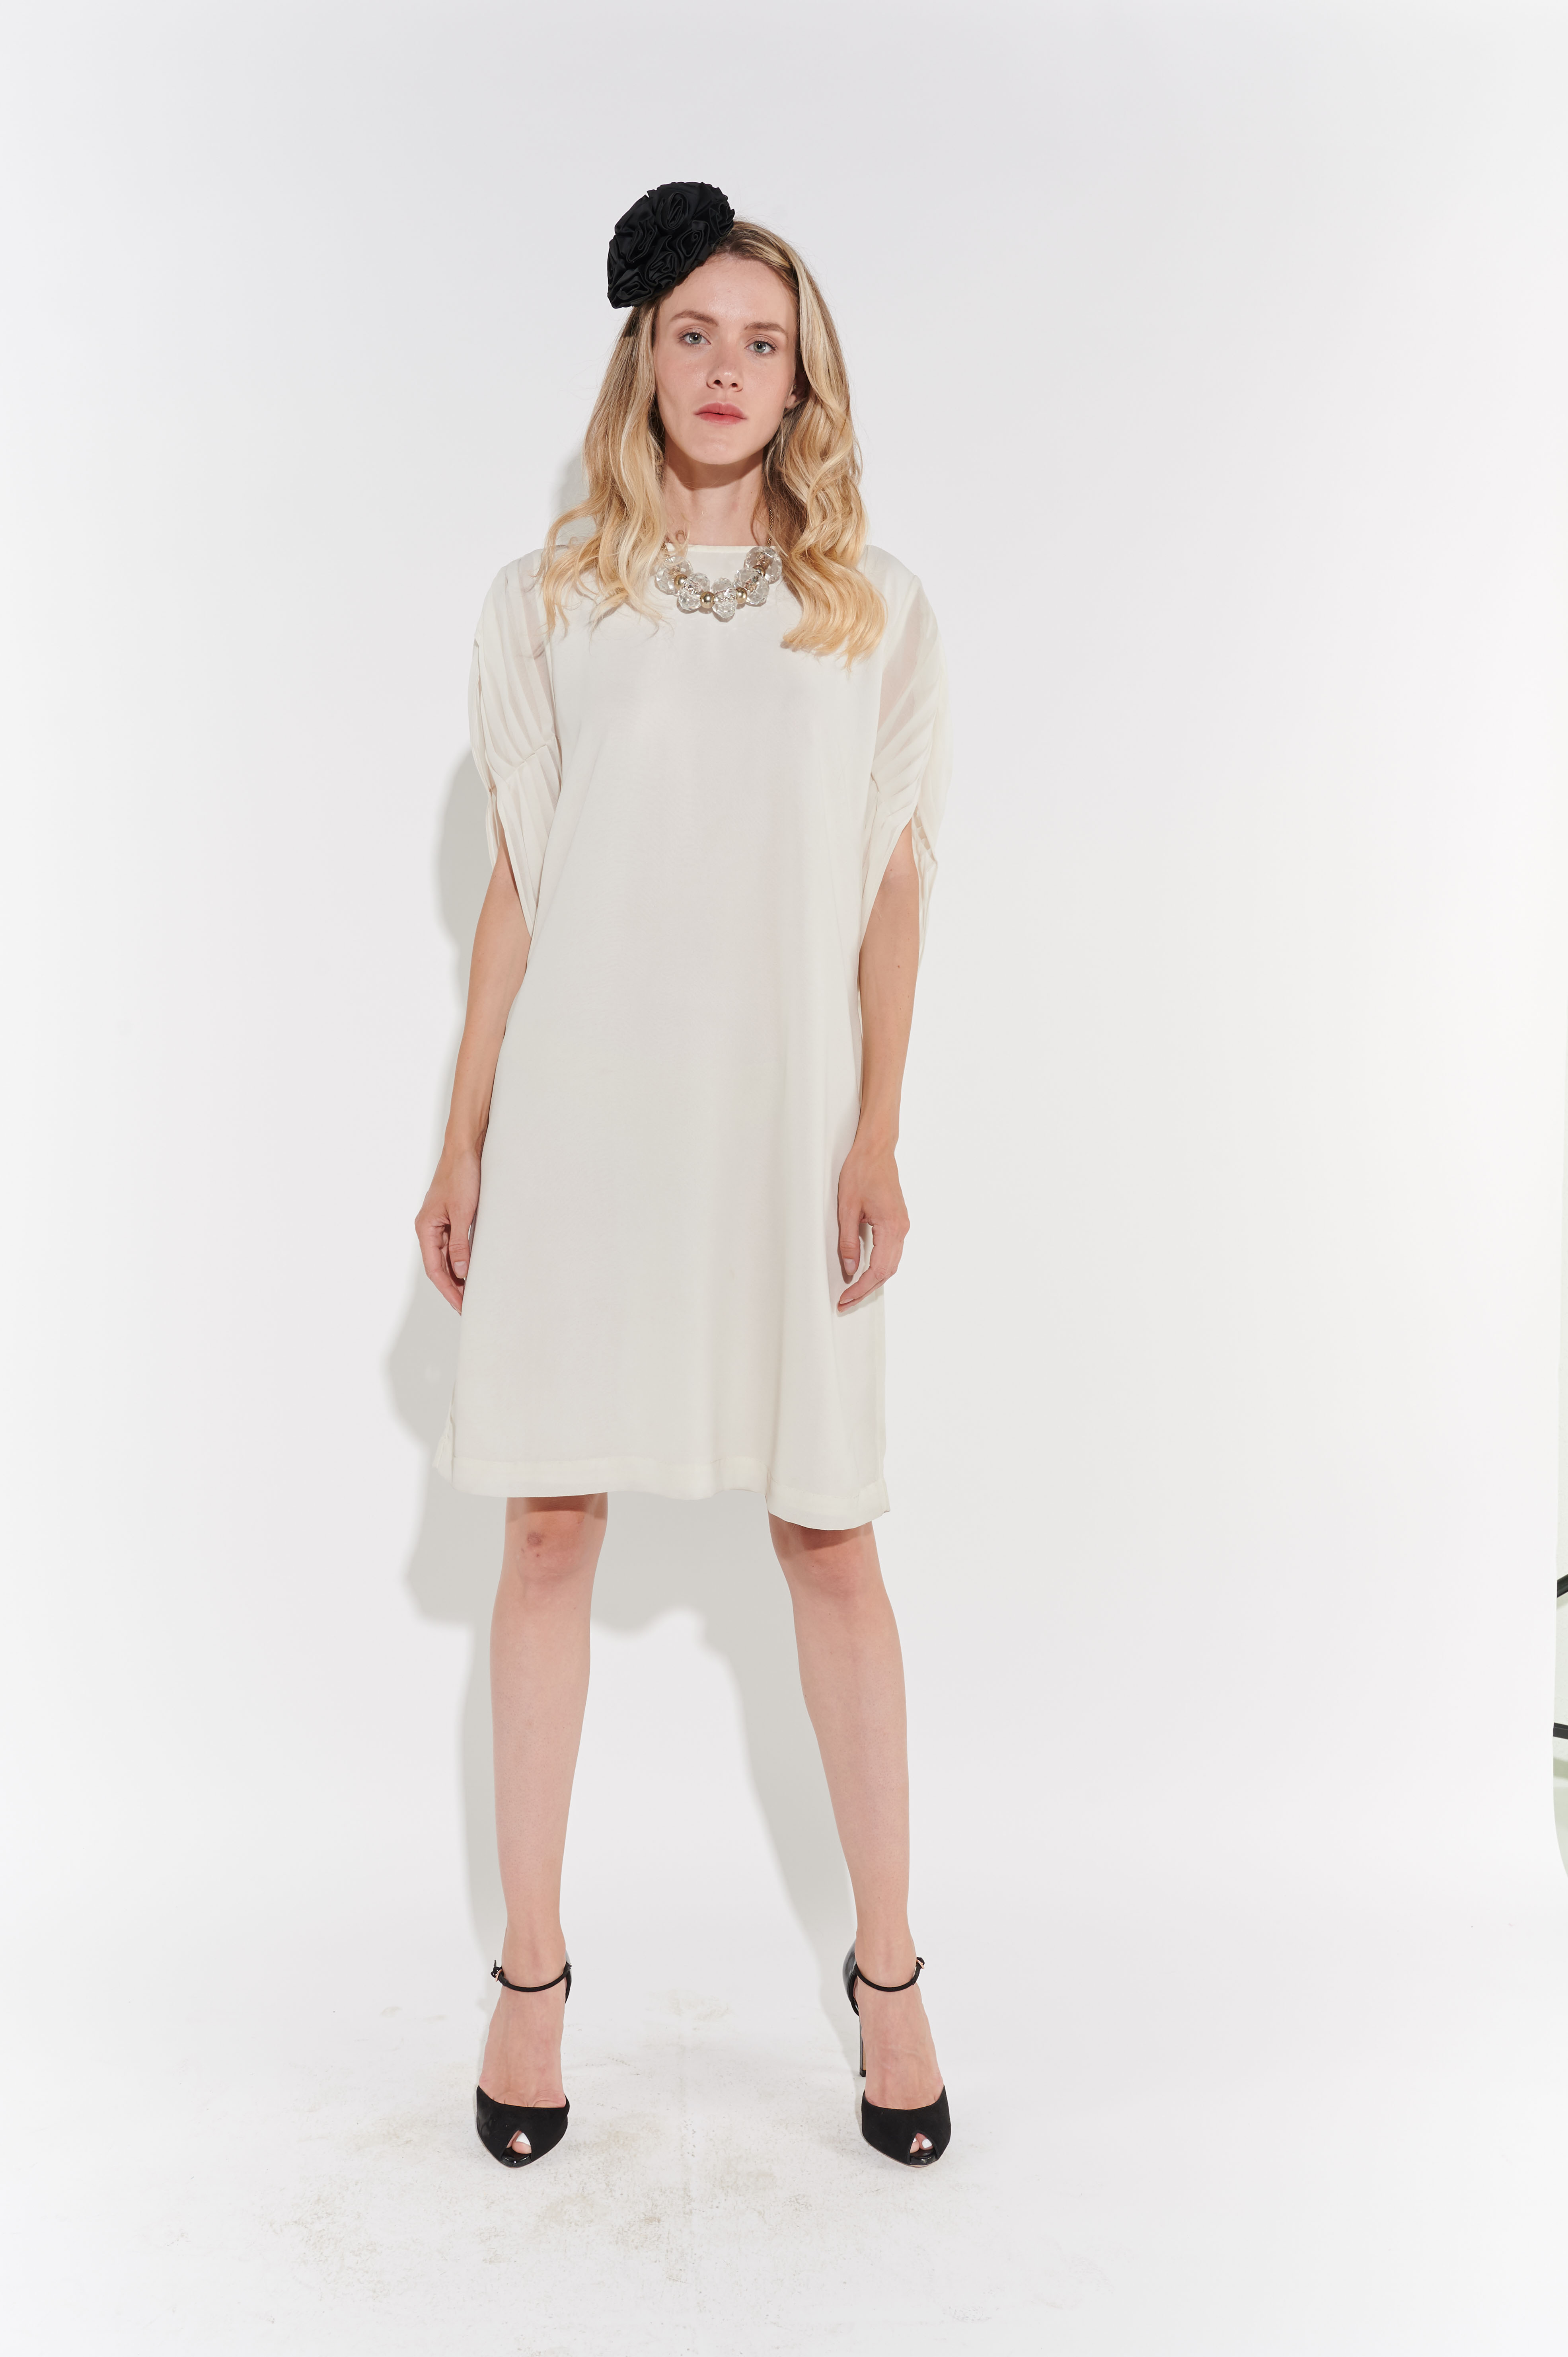 2000ler Beyaz Şifon Minimalist Elbise